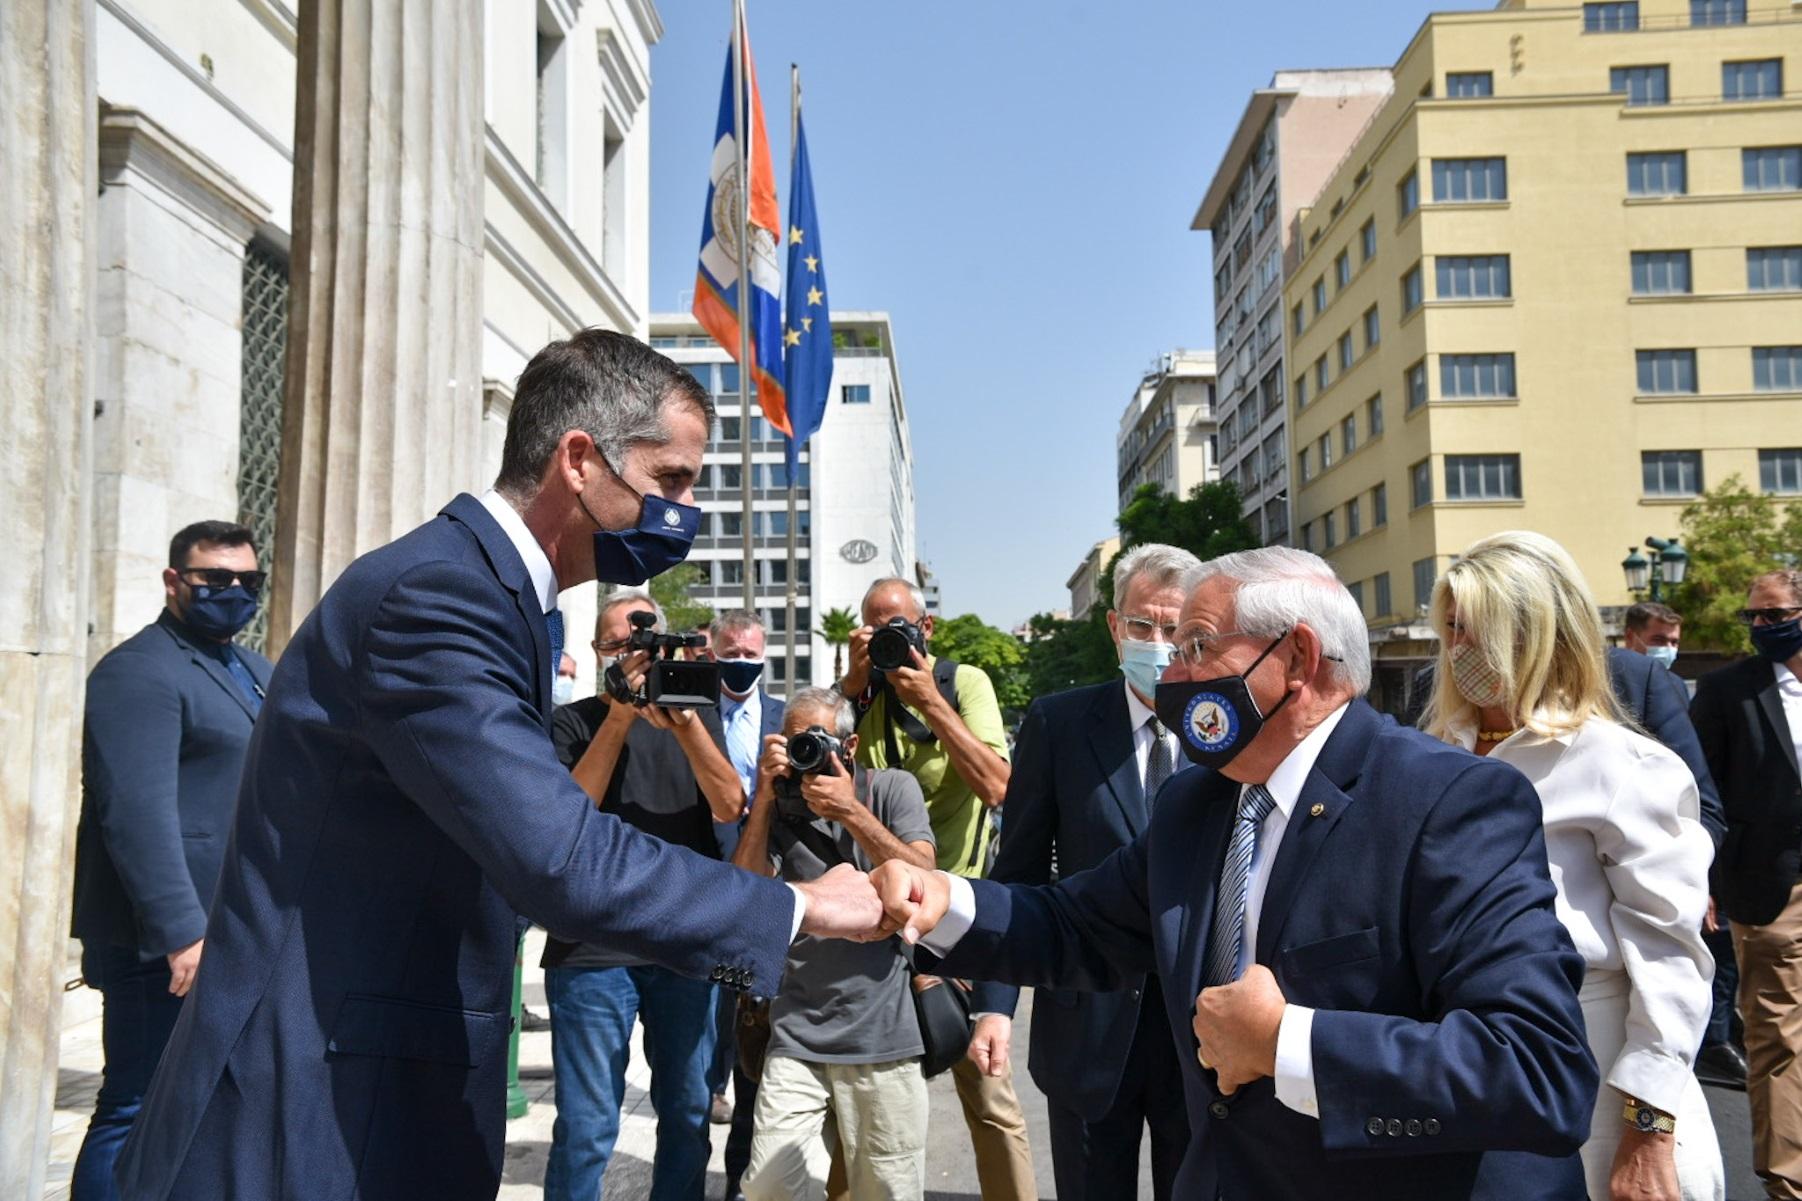 Μπομπ Μενέντεζ – Κώστας Μπακογιάννης: Απονομή μεταλλίου αξίας της πόλεως των Αθηνών στον Αμερικανό γερουσιαστή